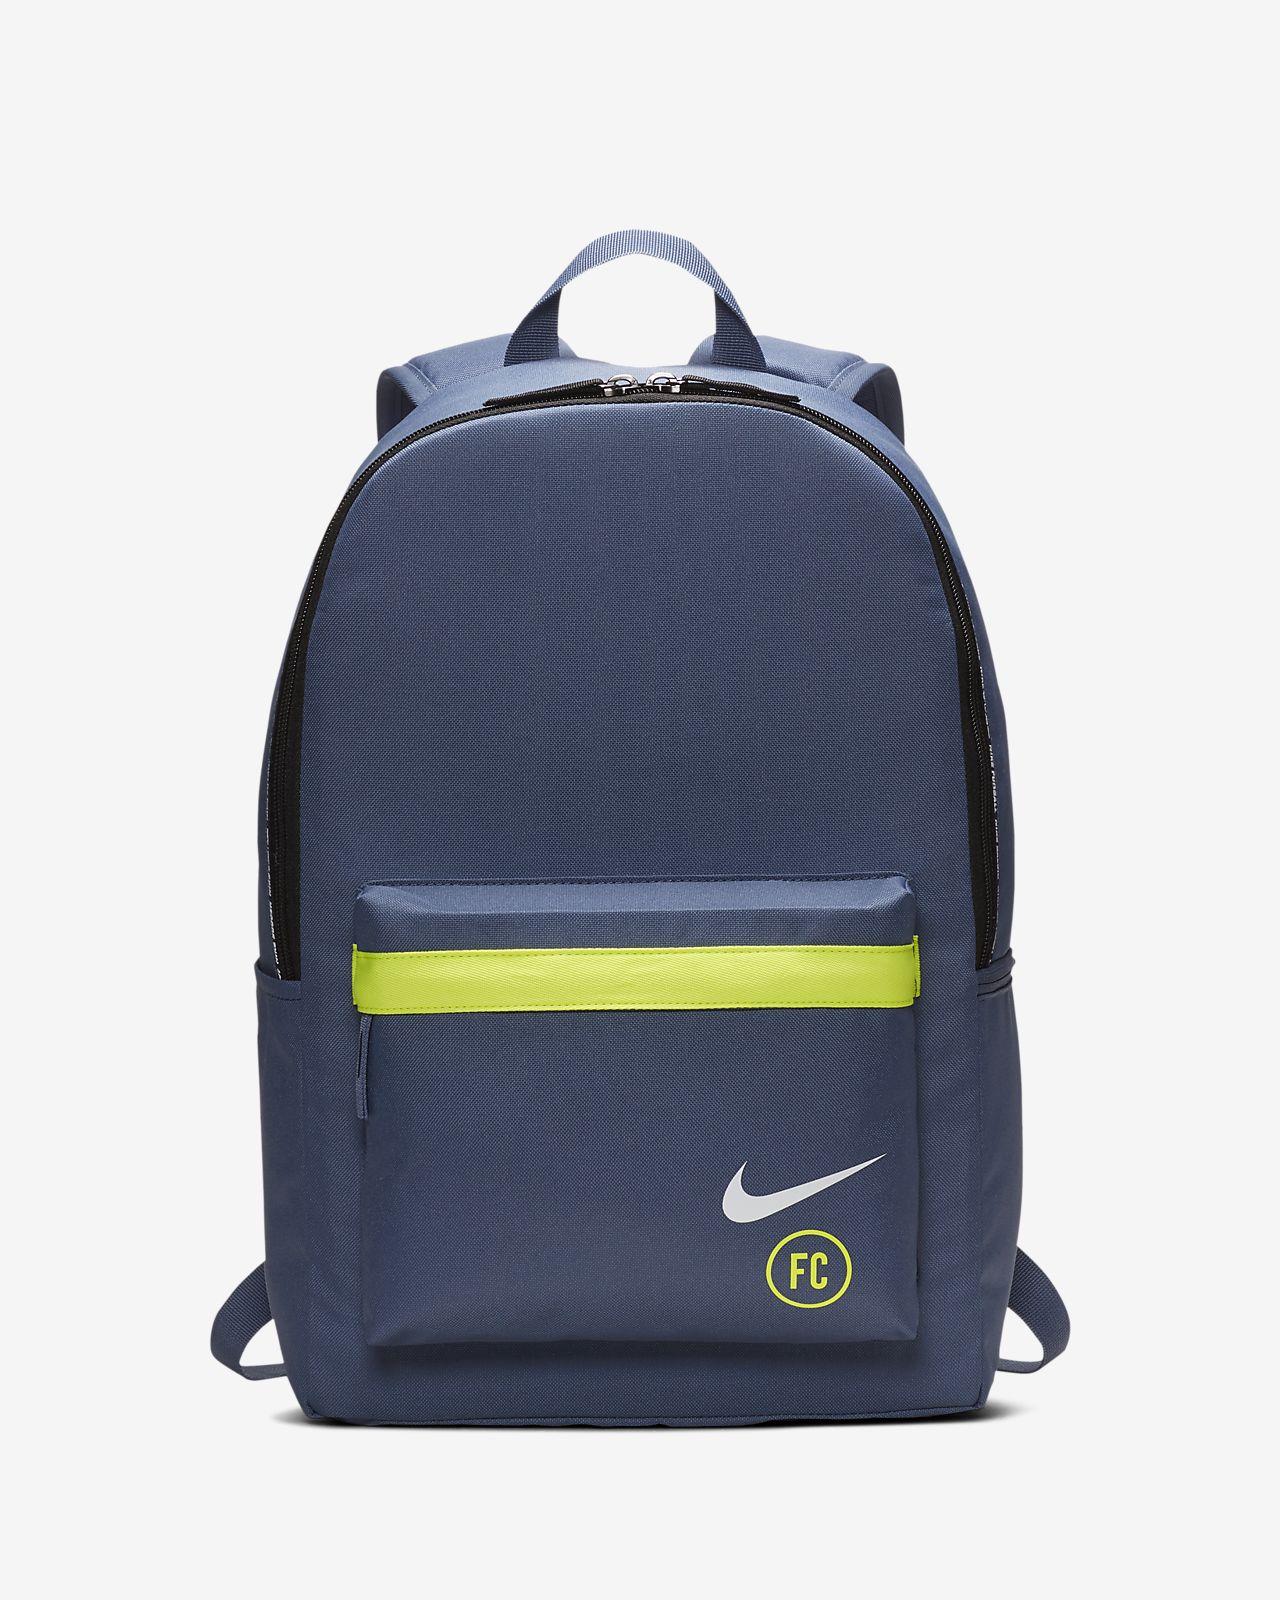 Nike F.C. Soccer Backpack